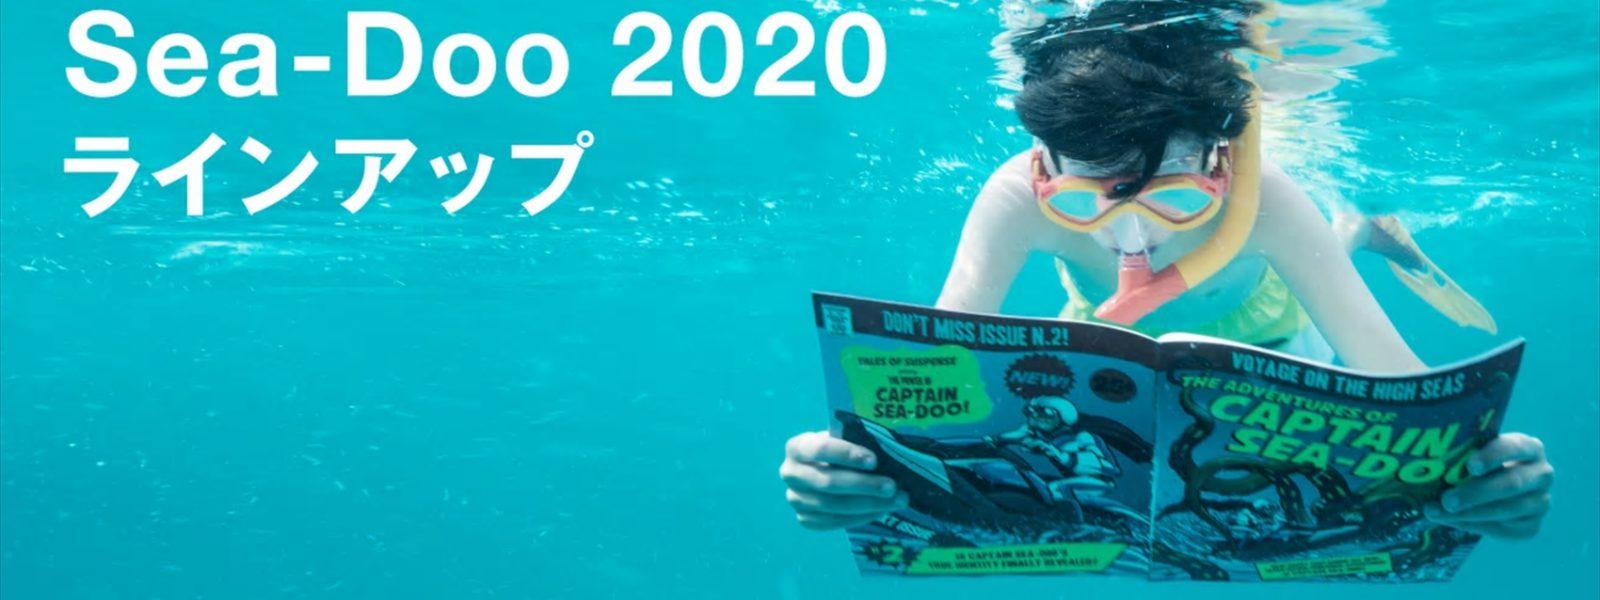 ★2020年モデル シードゥー★ 各メーカー新艇ご予約受付中!